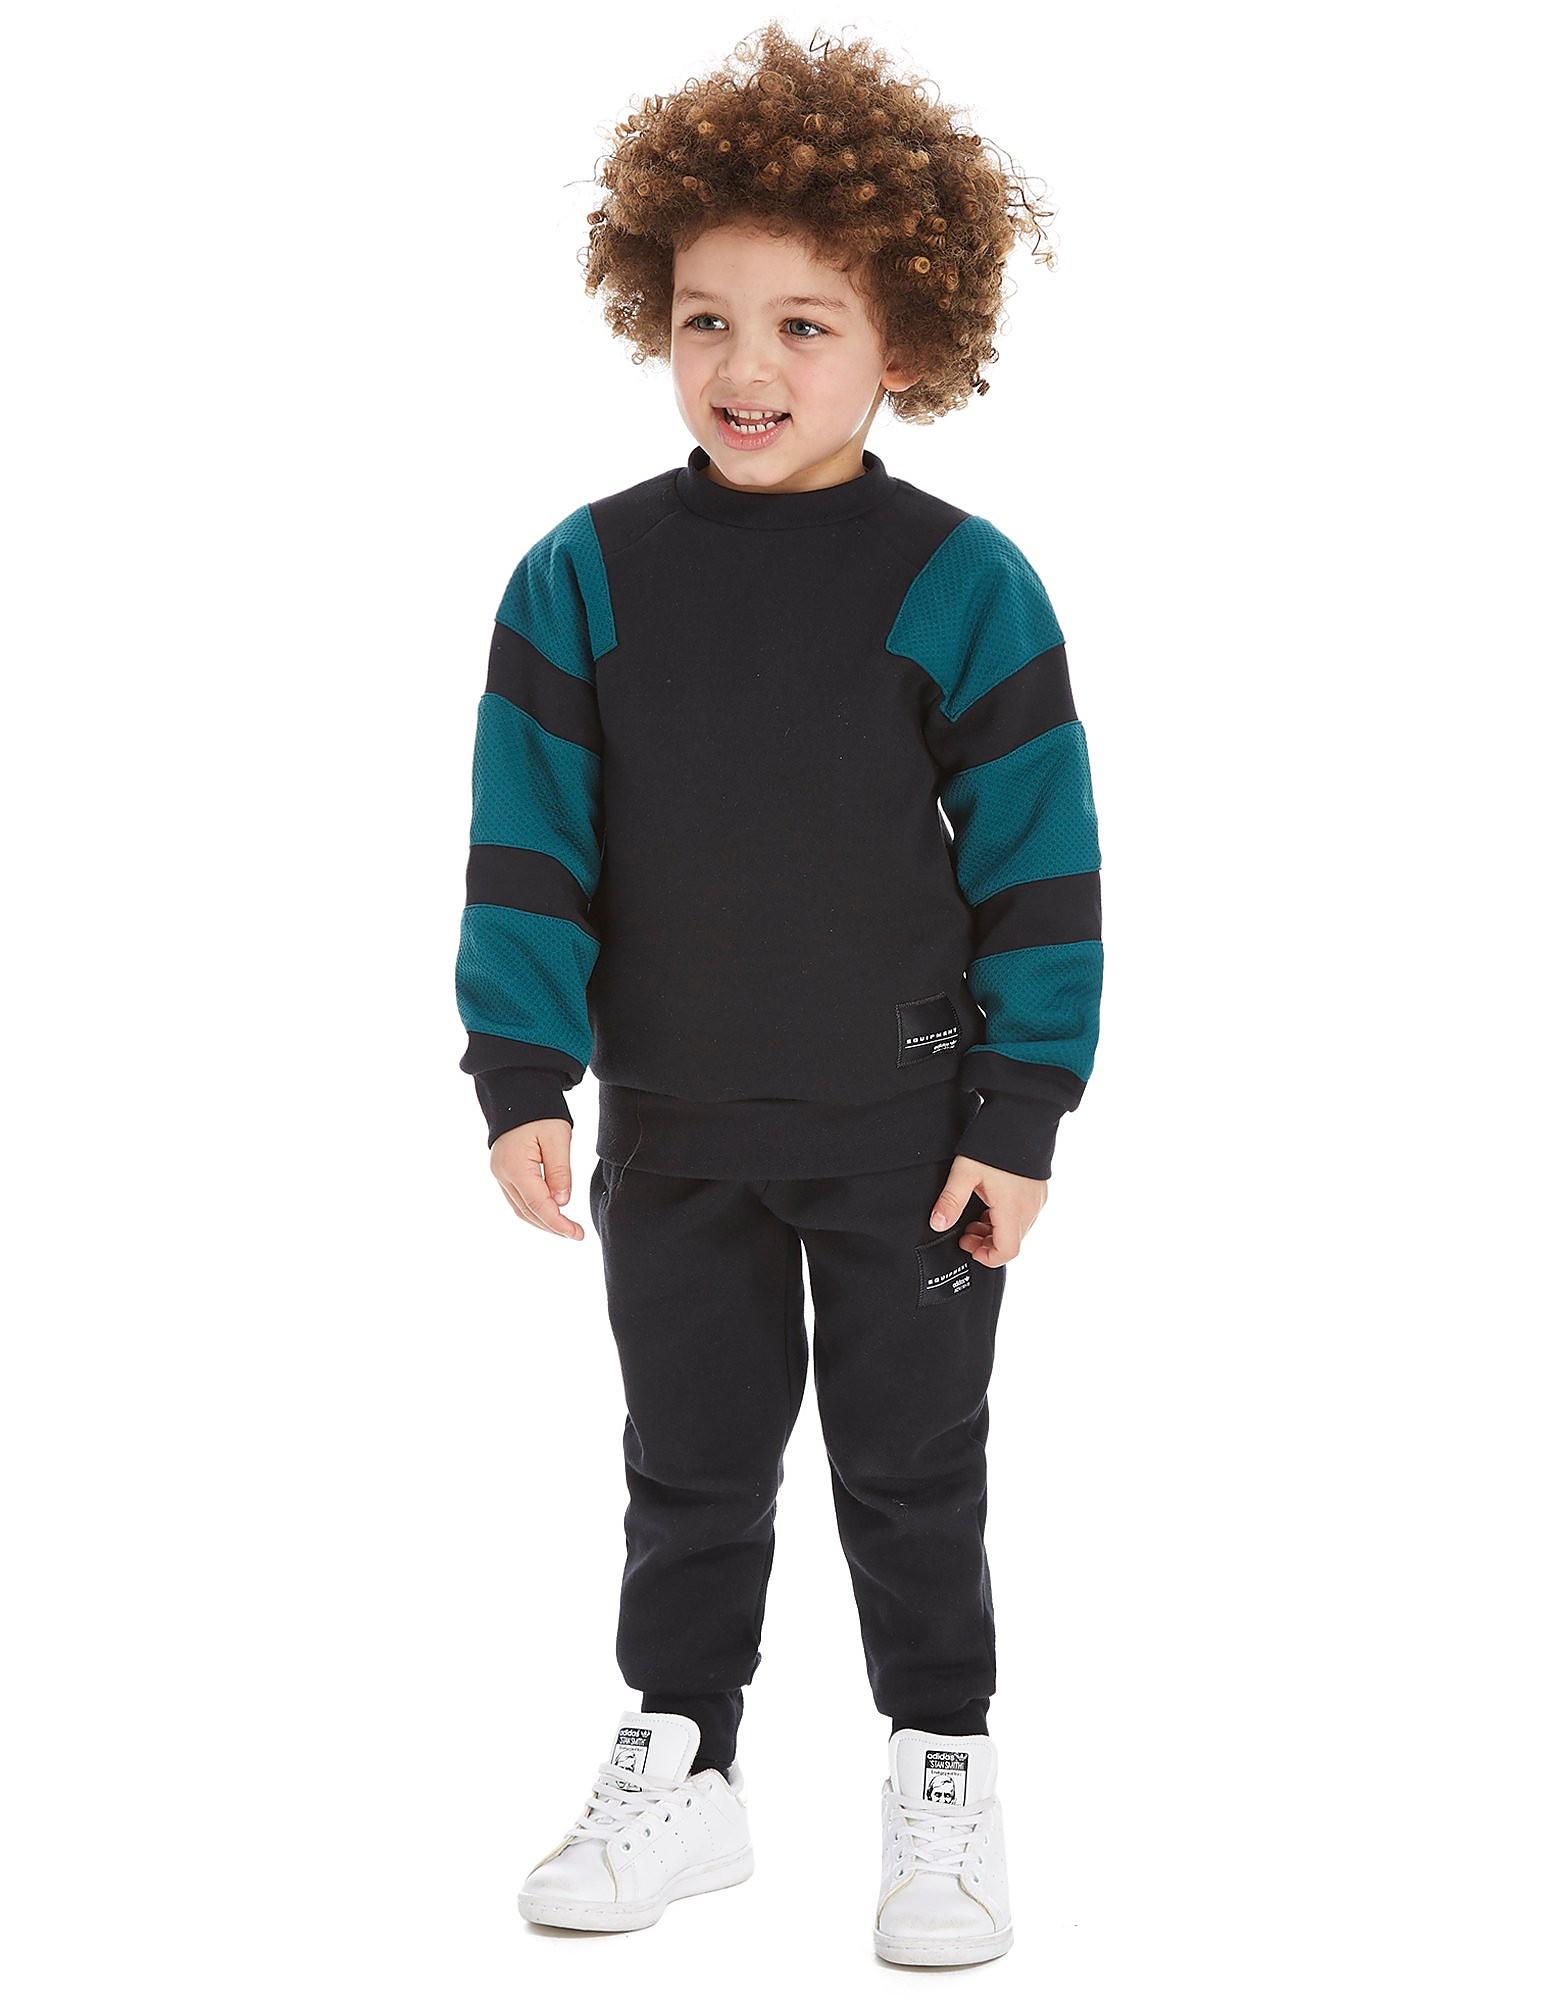 adidas Originals EQT Crew Suit Children